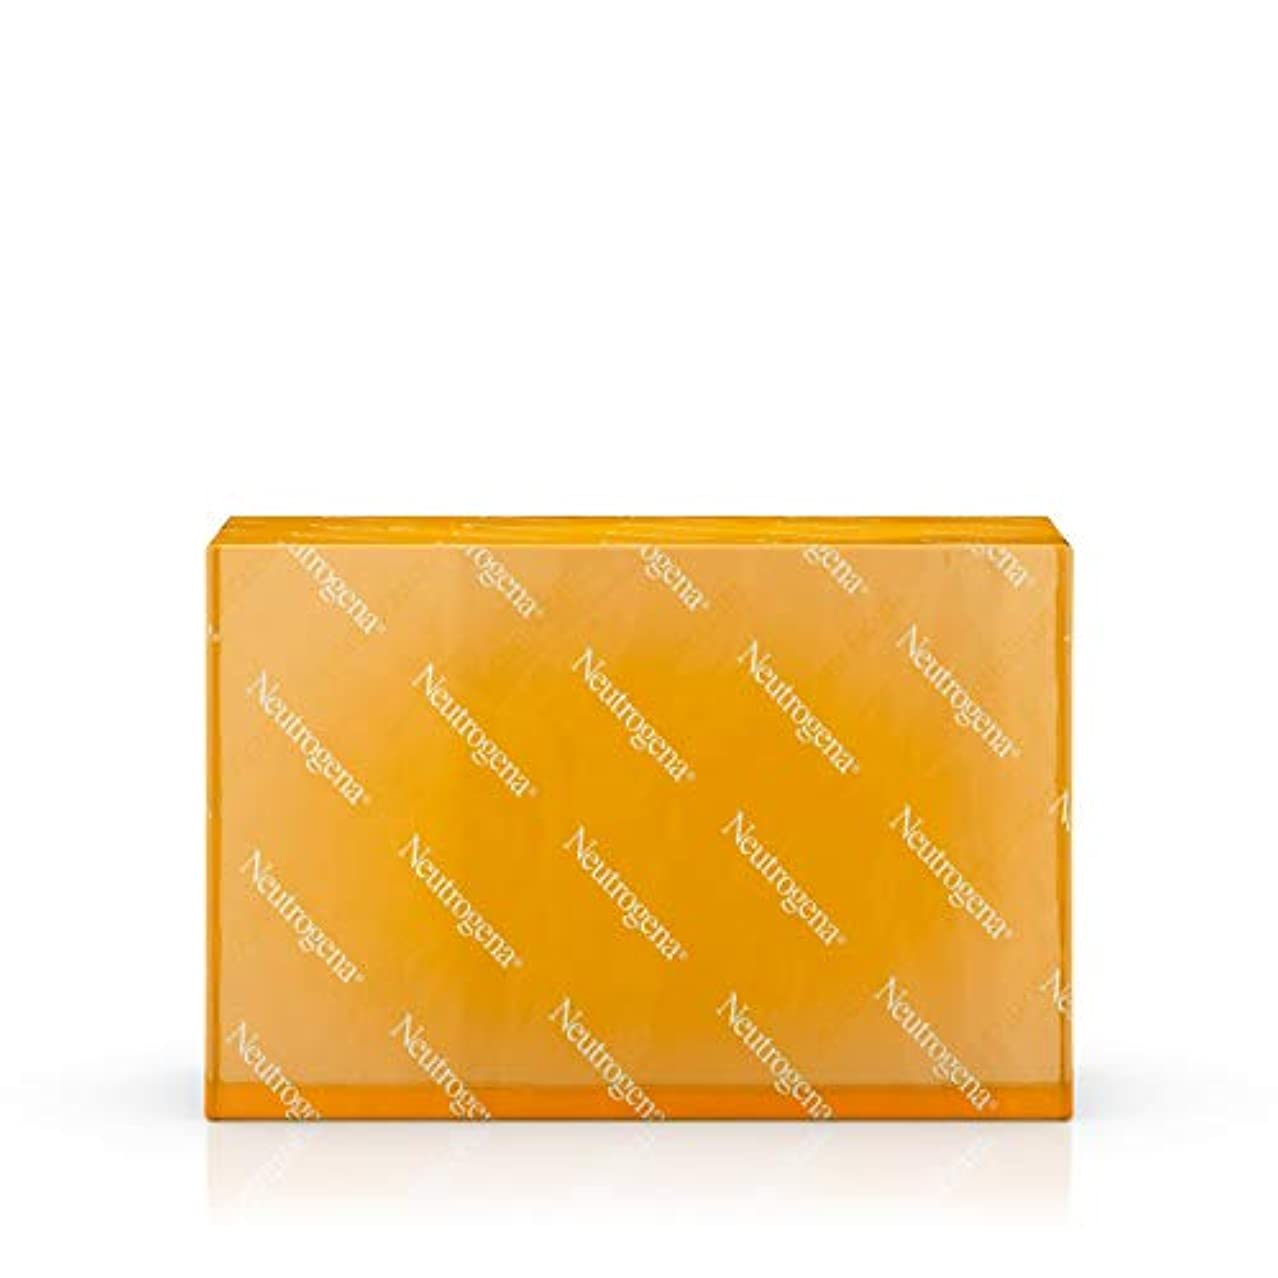 埋める滑る衣類Neutrogena Original Formula Transparent Facial Bar 100 ml (並行輸入品)